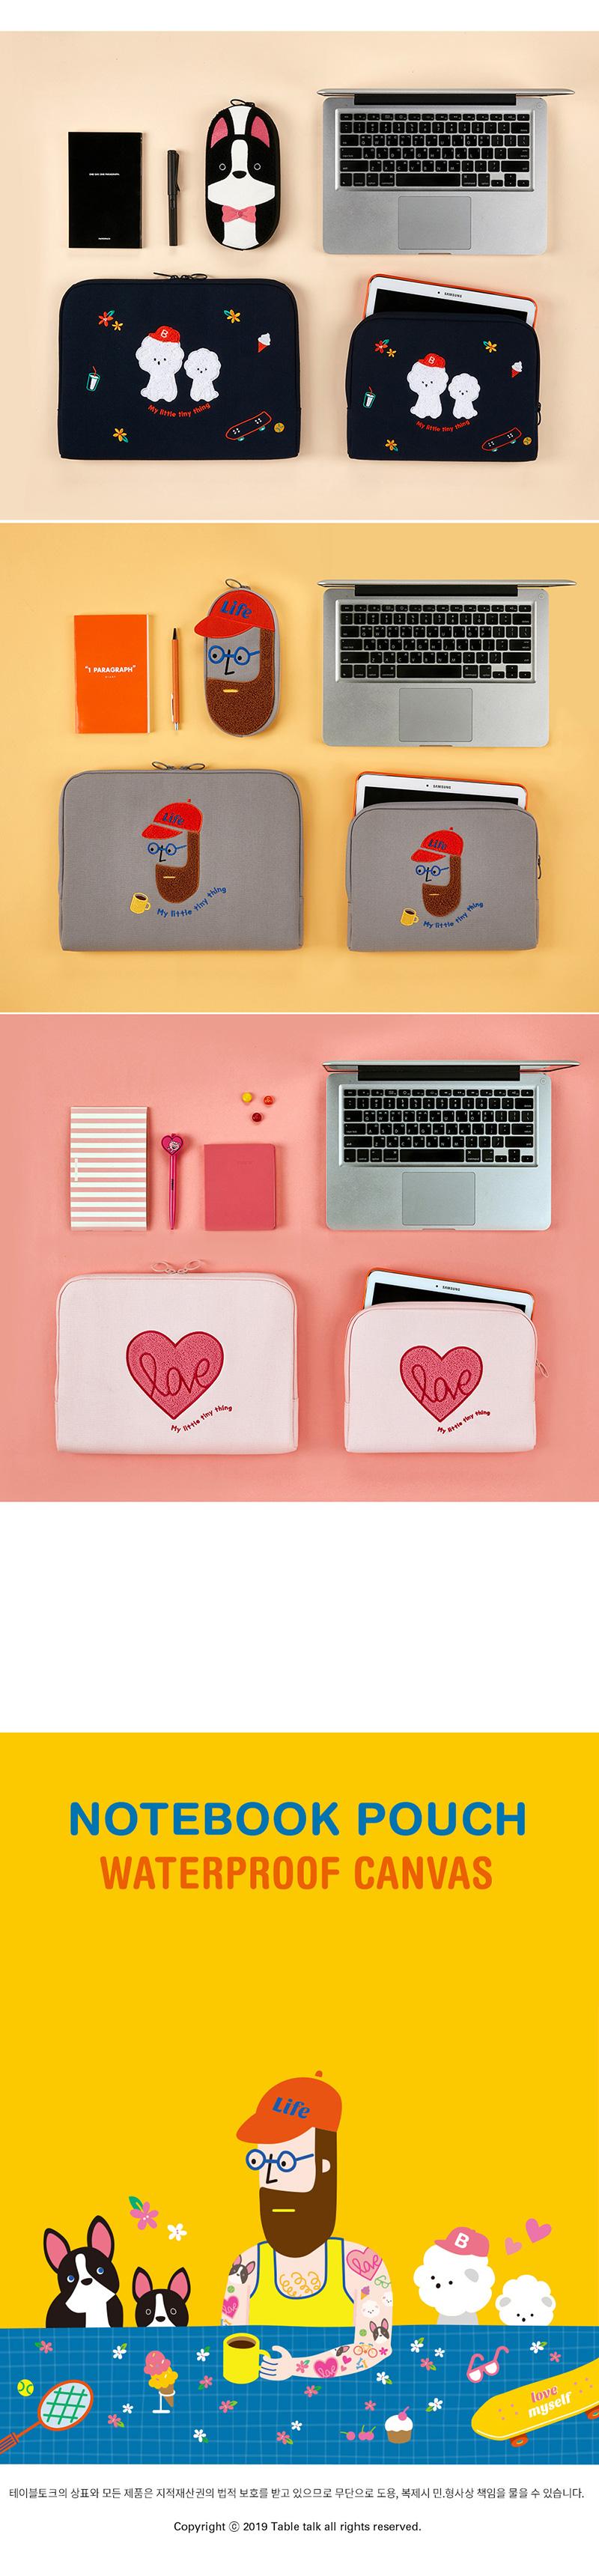 노트북 파우치 방수캔버스_부클 비숑 (아이패드. 13. 15) - 안테나샵, 25,500원, 노트북 케이스/파우치, 27.94cm~33.78cm